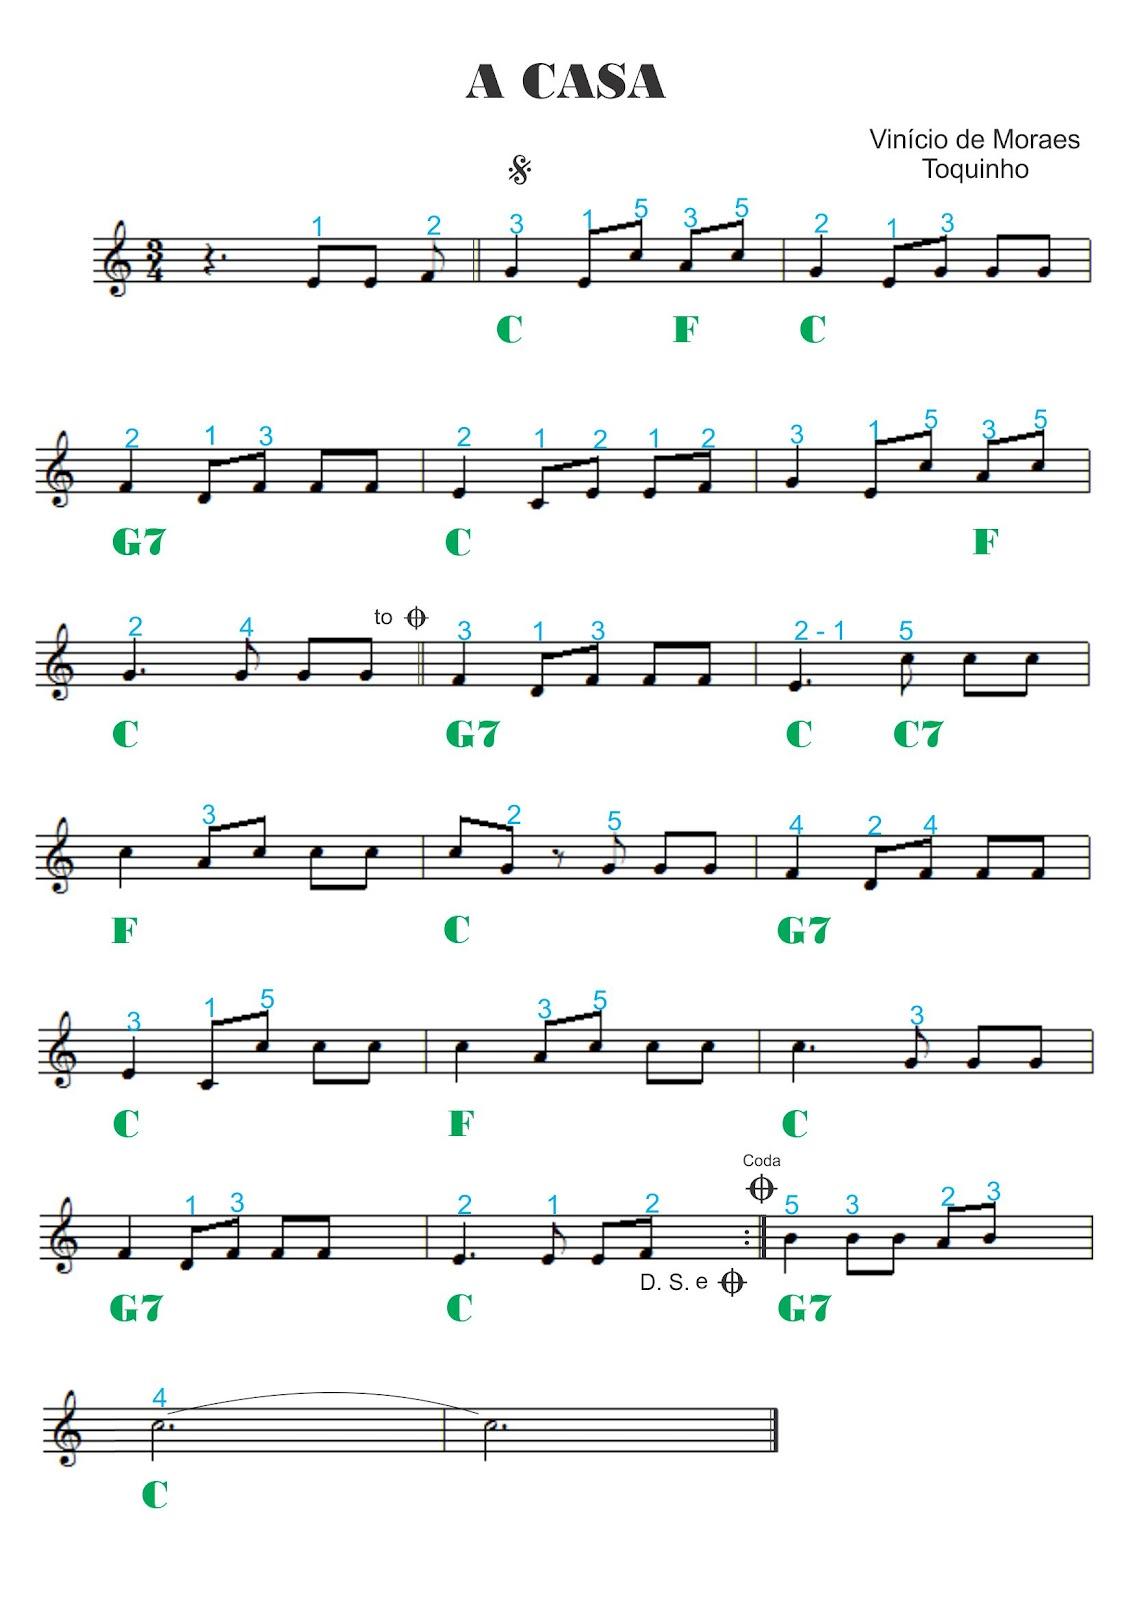 Adriano dozol dicas partituras gr tis e v deos for 1 5 piani casa piani